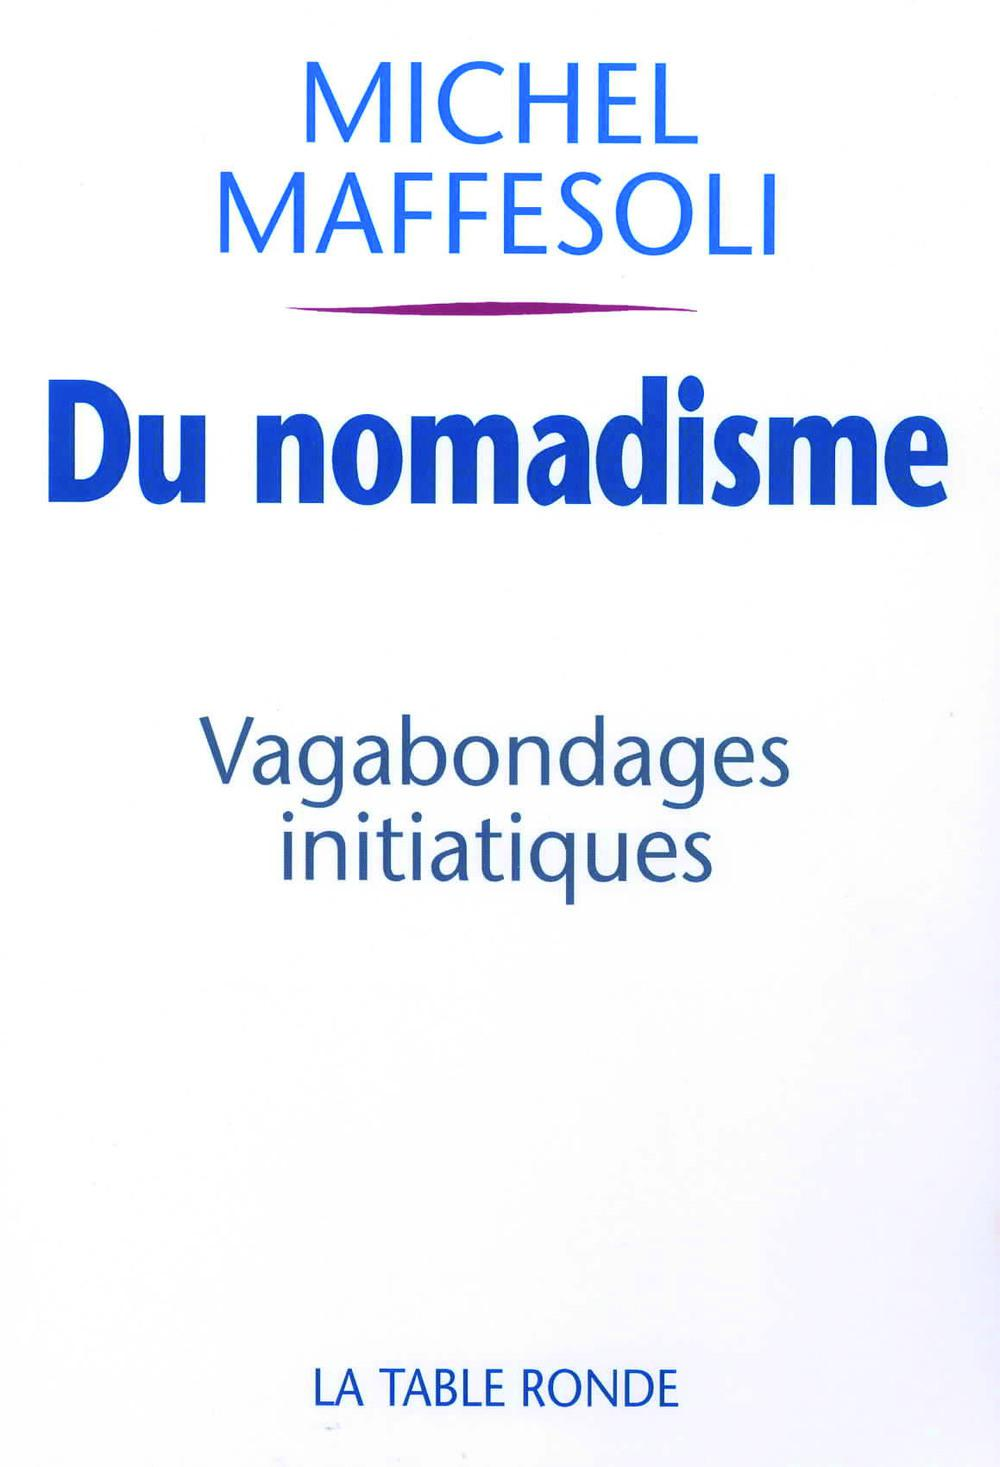 Du nomadisme, Vagabondages initiatiques